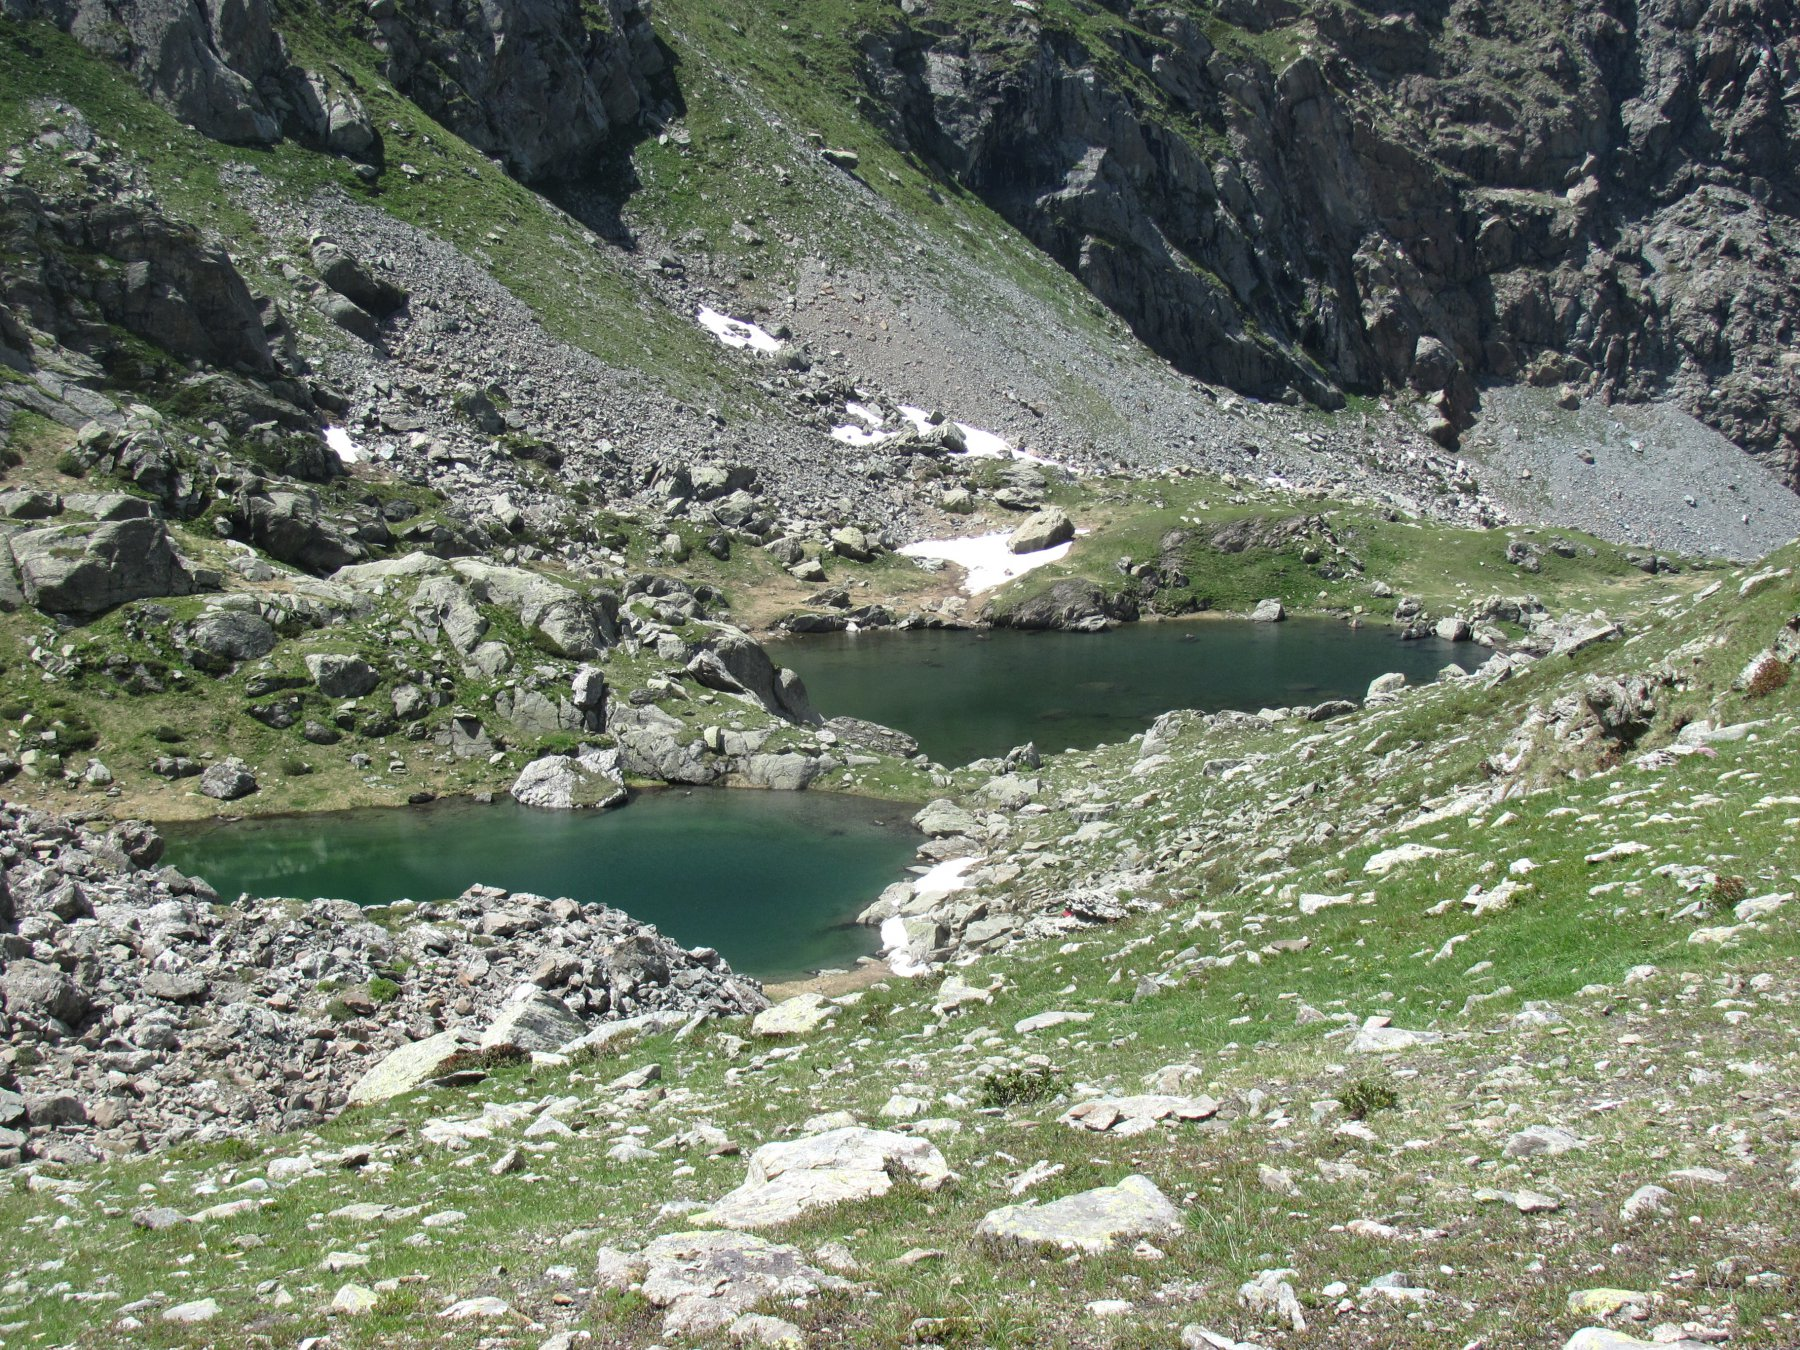 I due laghetti del Turlo, scendendo dal Colle Fenera